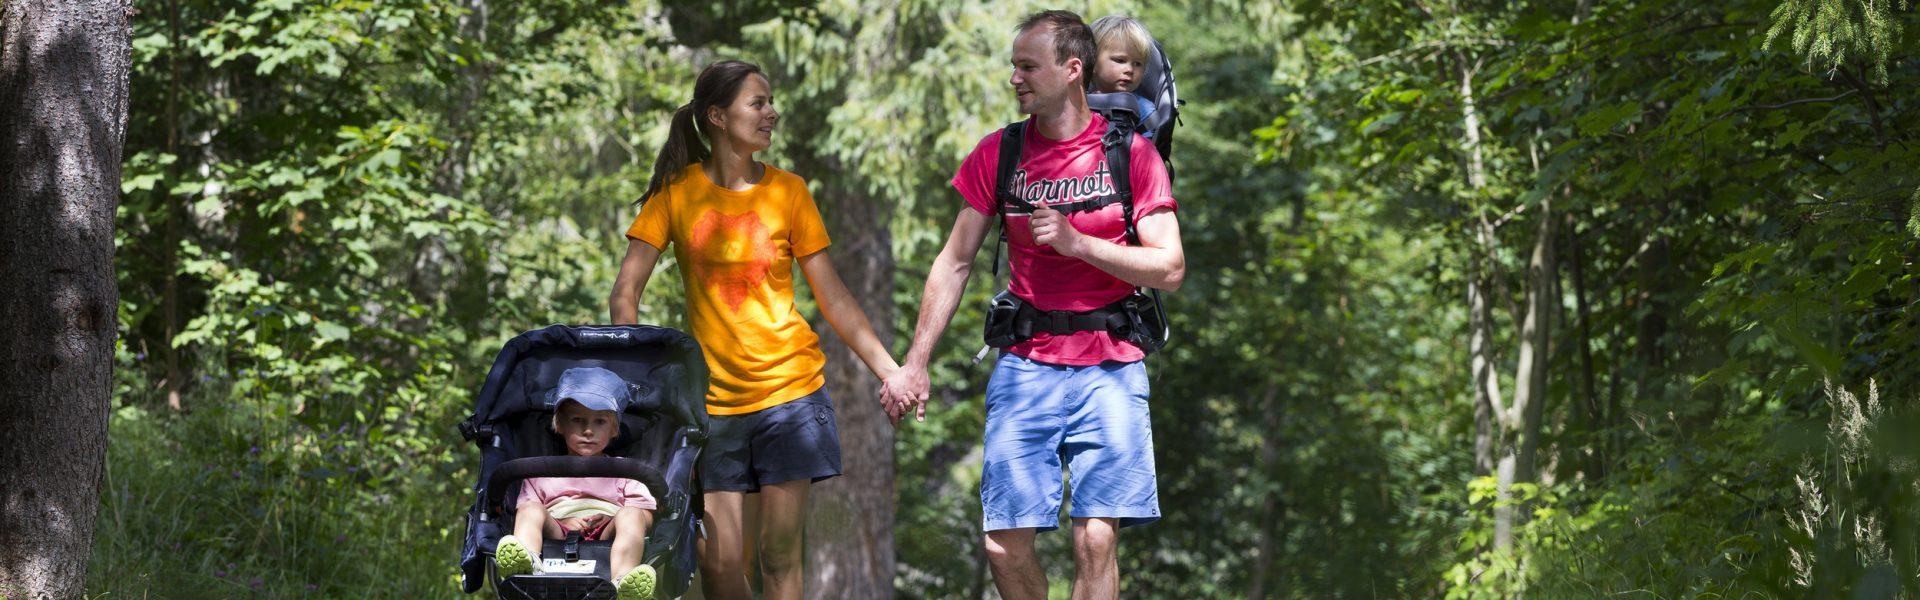 Burmiweg Familie  Kinderwagen @Oliver Farys (43) © Kleinwalsertal Tourismus eGen